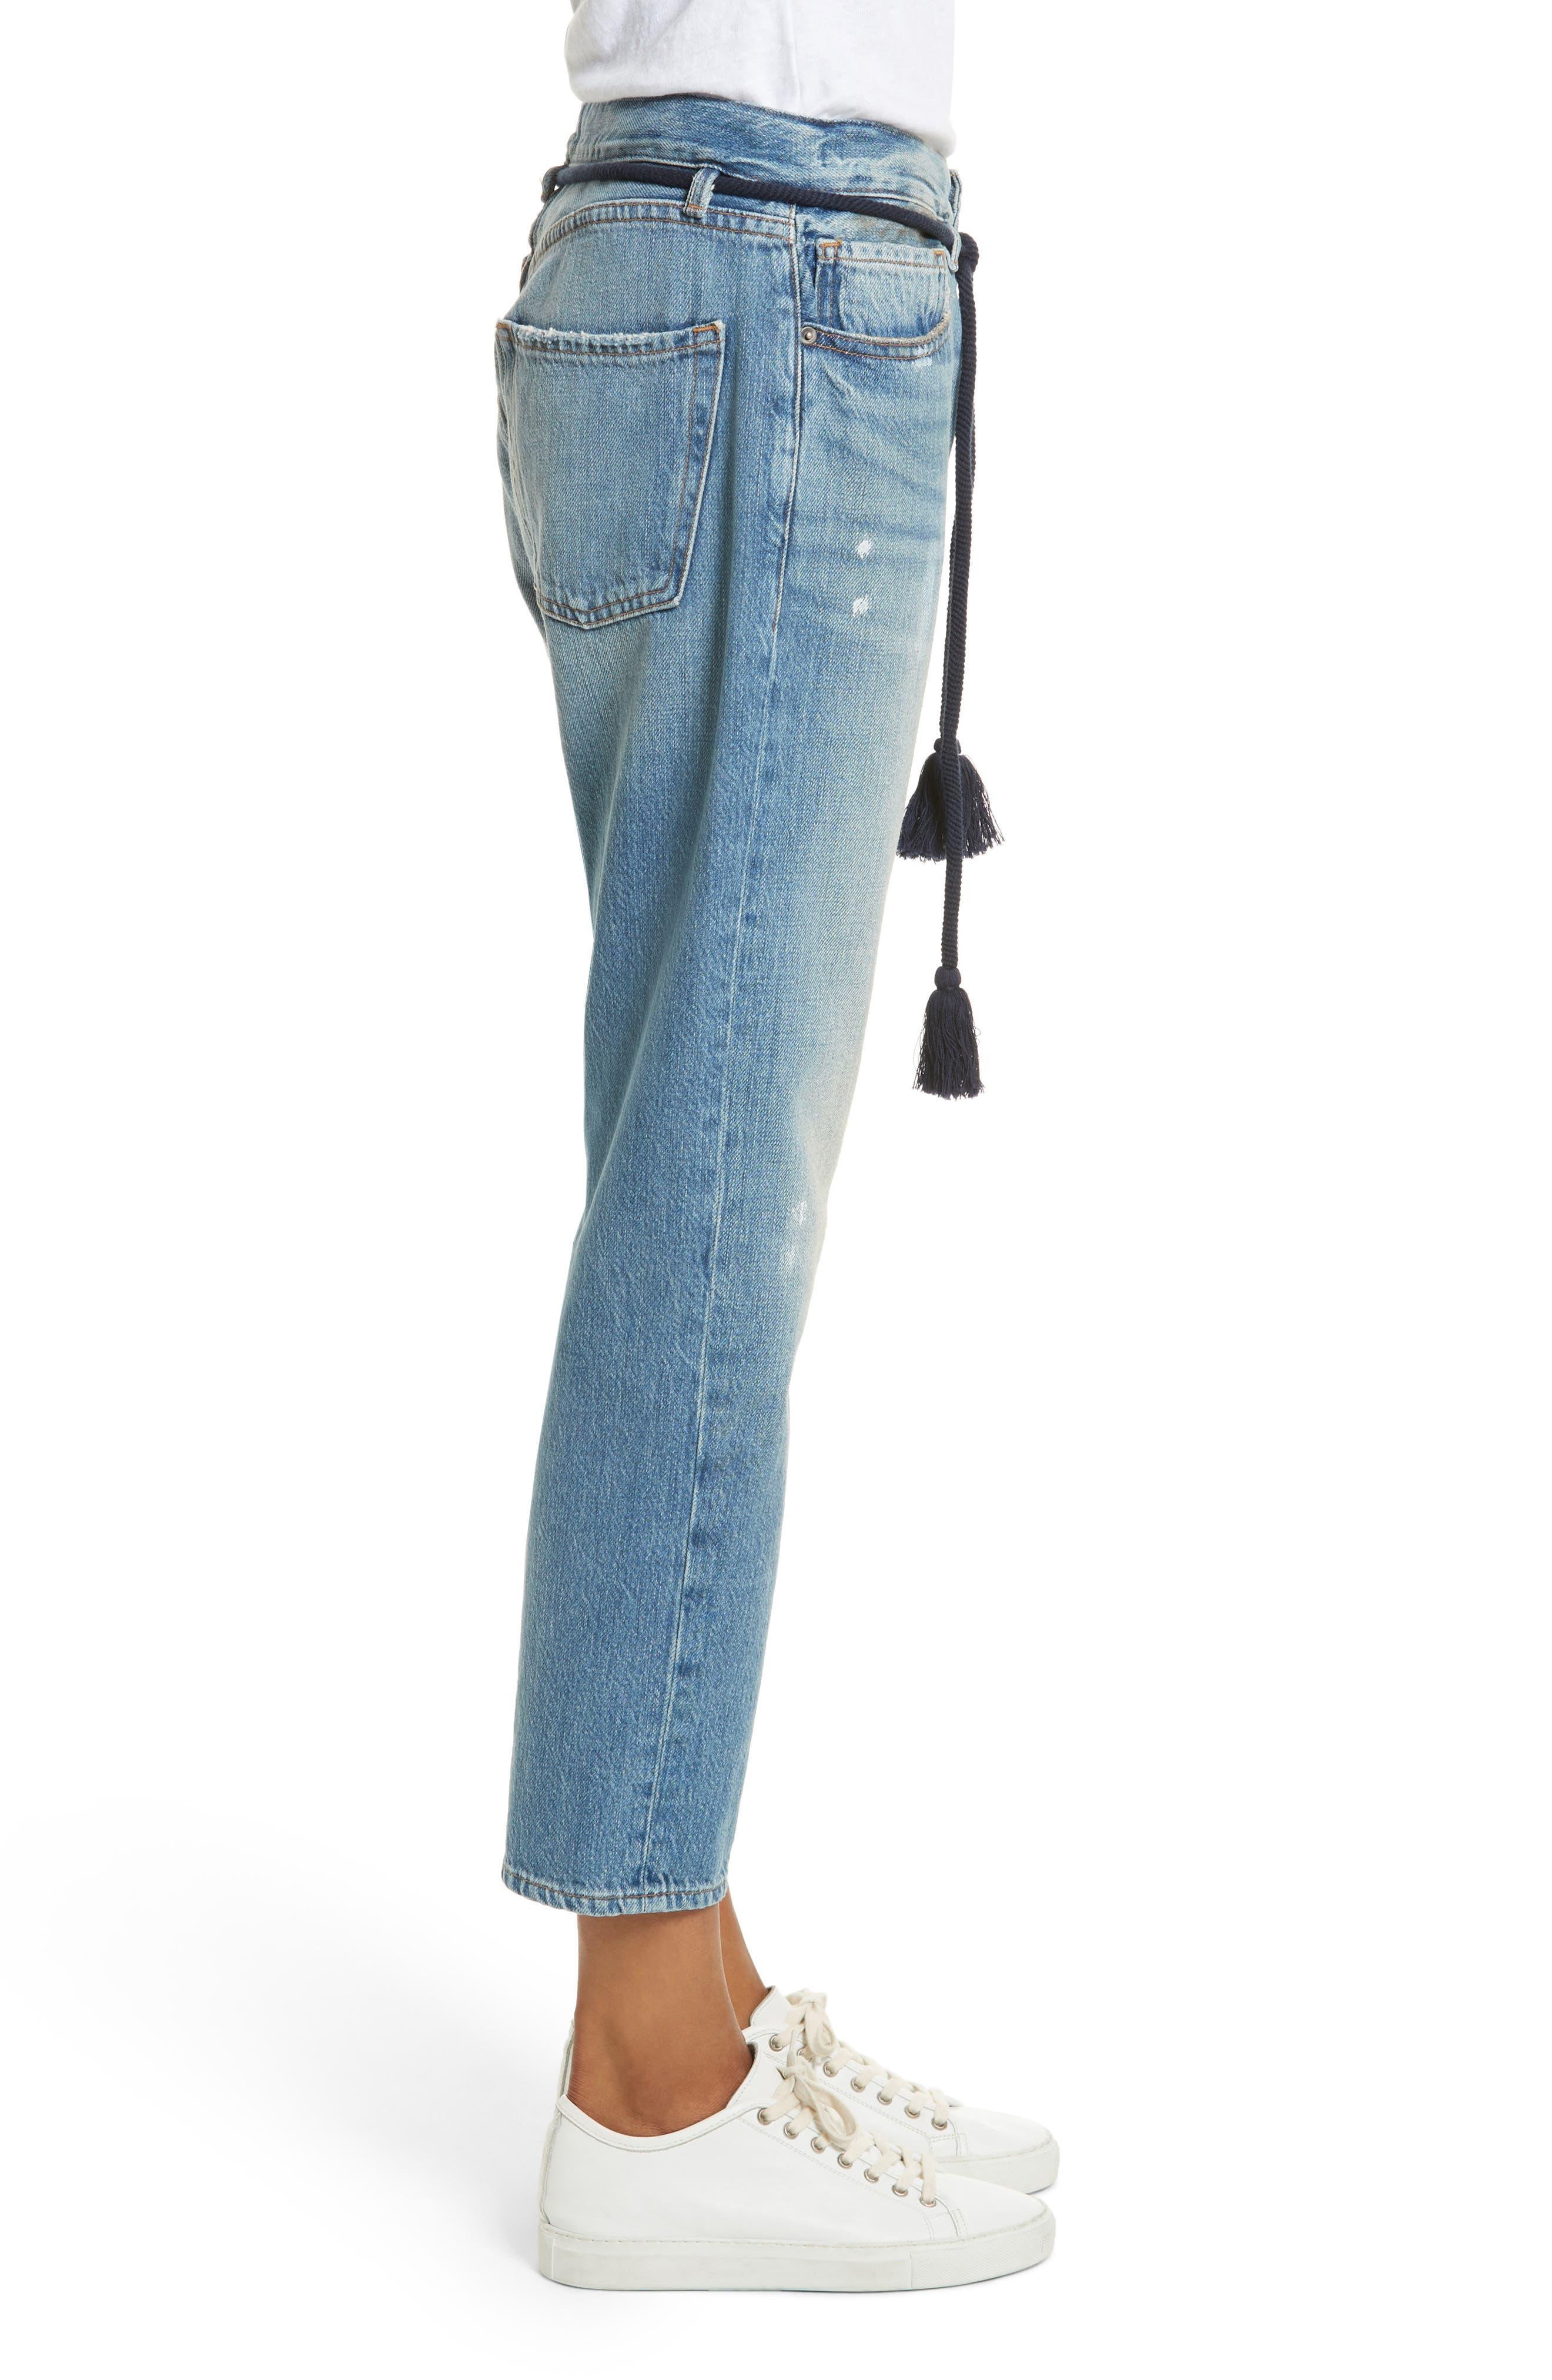 Le Original Tassel Tie High Waist Jeans,                             Alternate thumbnail 6, color,                             Bowman